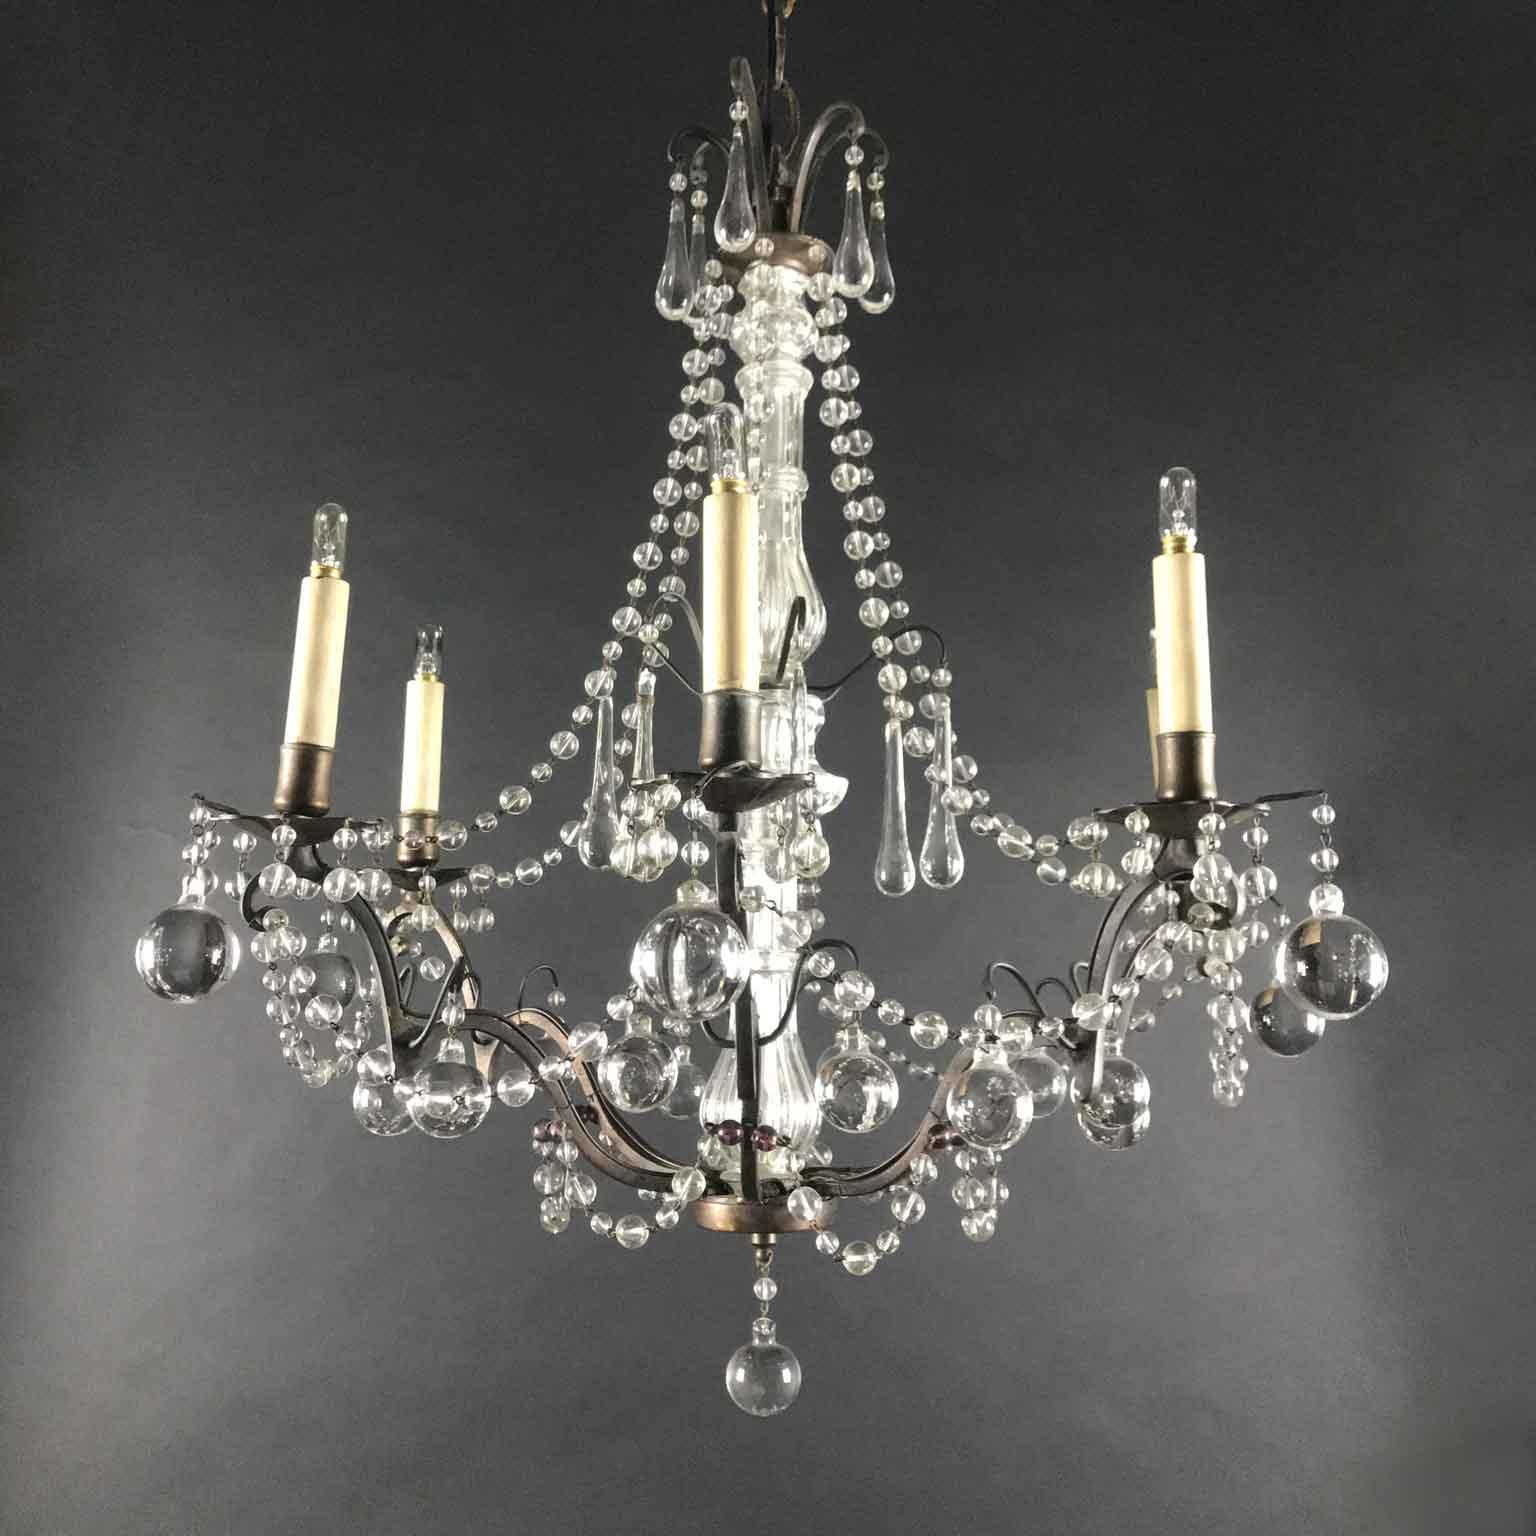 lampadario anni '60 in vetro di murano, vintage chandelier, 60s, murano glass. Lampadario Antico In Cristallo Vendita Online Ghilli Antichita Milano